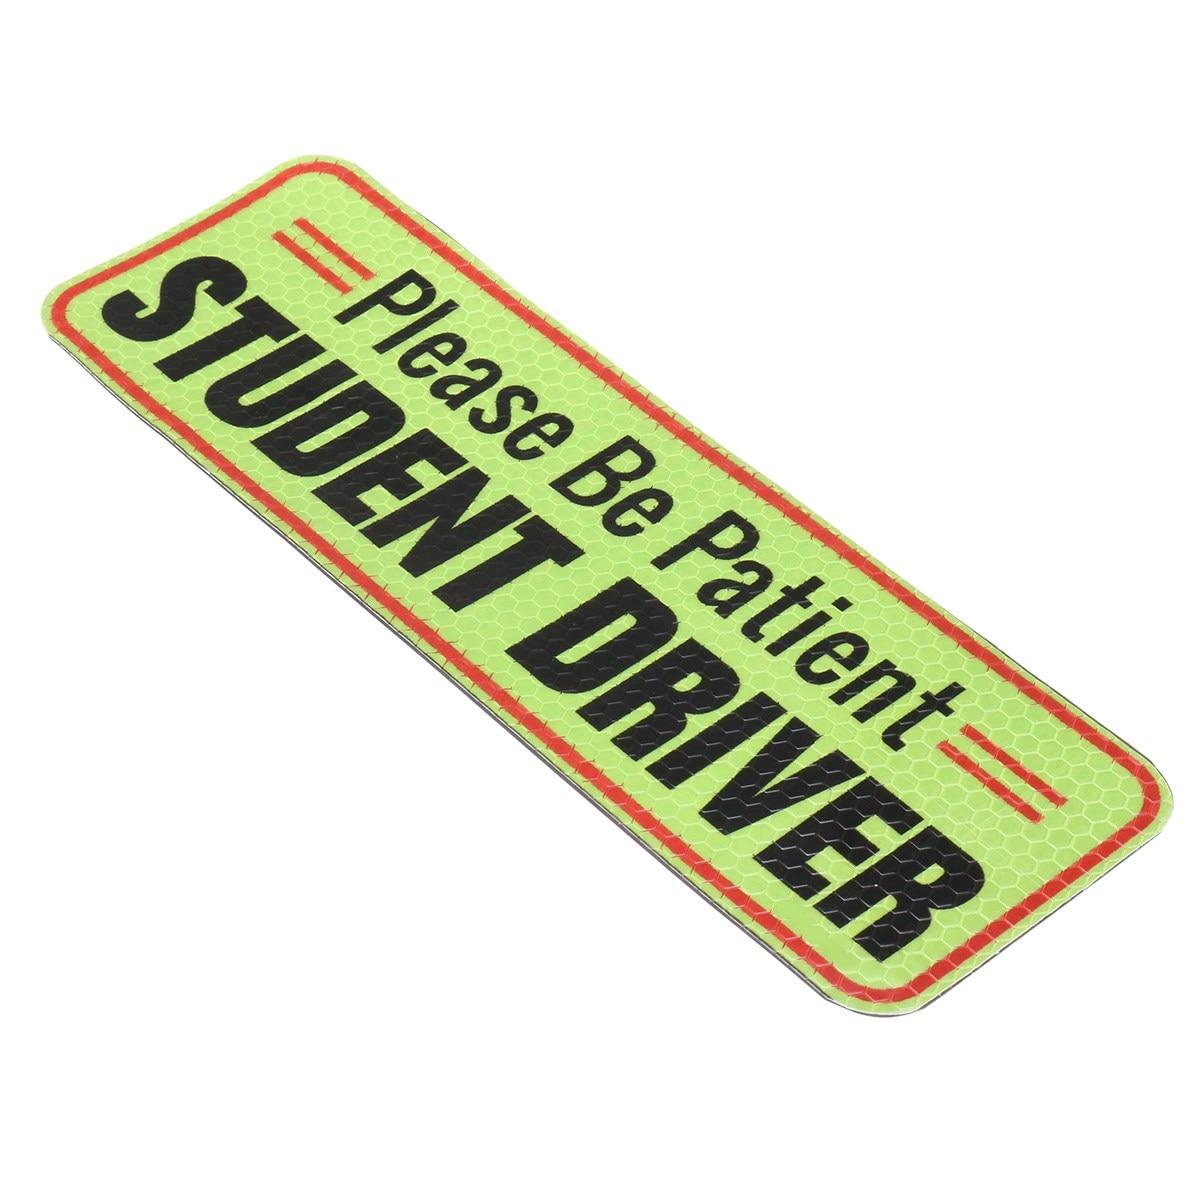 Новый safurance Магнитная будьте терпеливы студент водитель бампер Предупреждение знак 10x3.2 25x8 см на рабочем месте детская безопасность